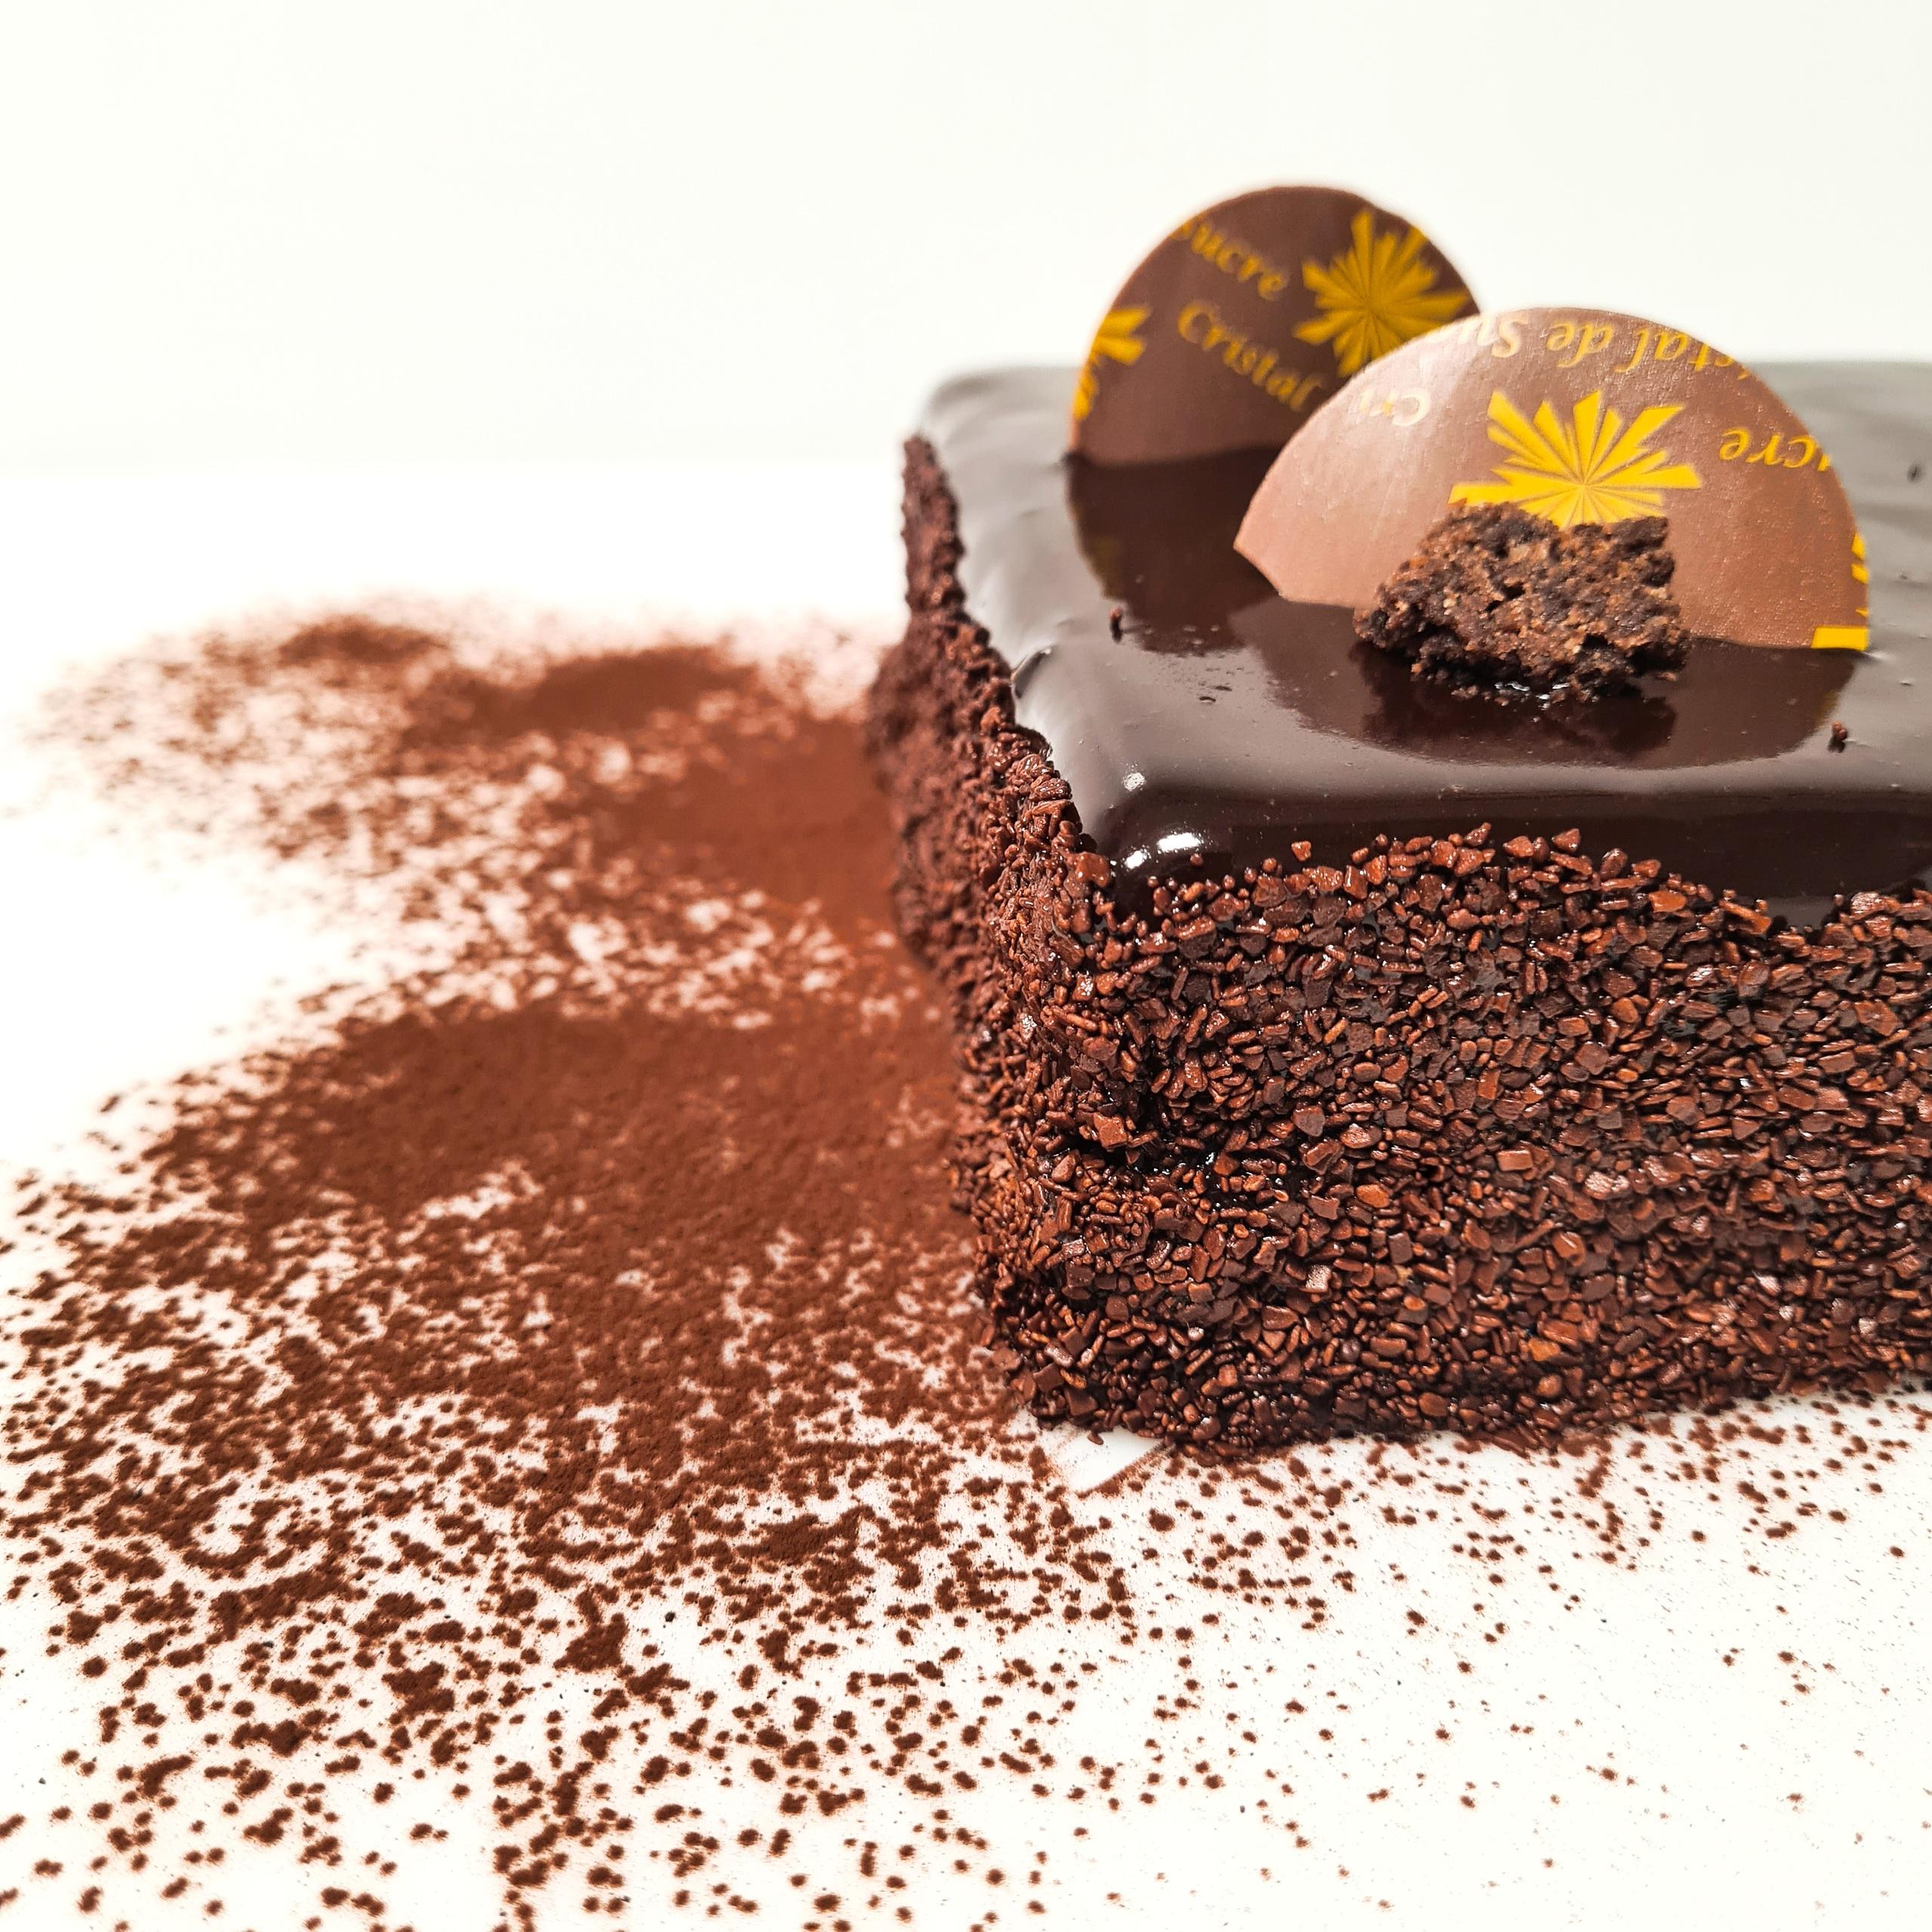 Biscuit moelleux cacao, croustillant praliné, ganache chocolat noir, mousse chocolat noir 4 pers. 22 € 6 pers. 33 € 8 pers. 44 € 10 pers. ou plus, nous contacter